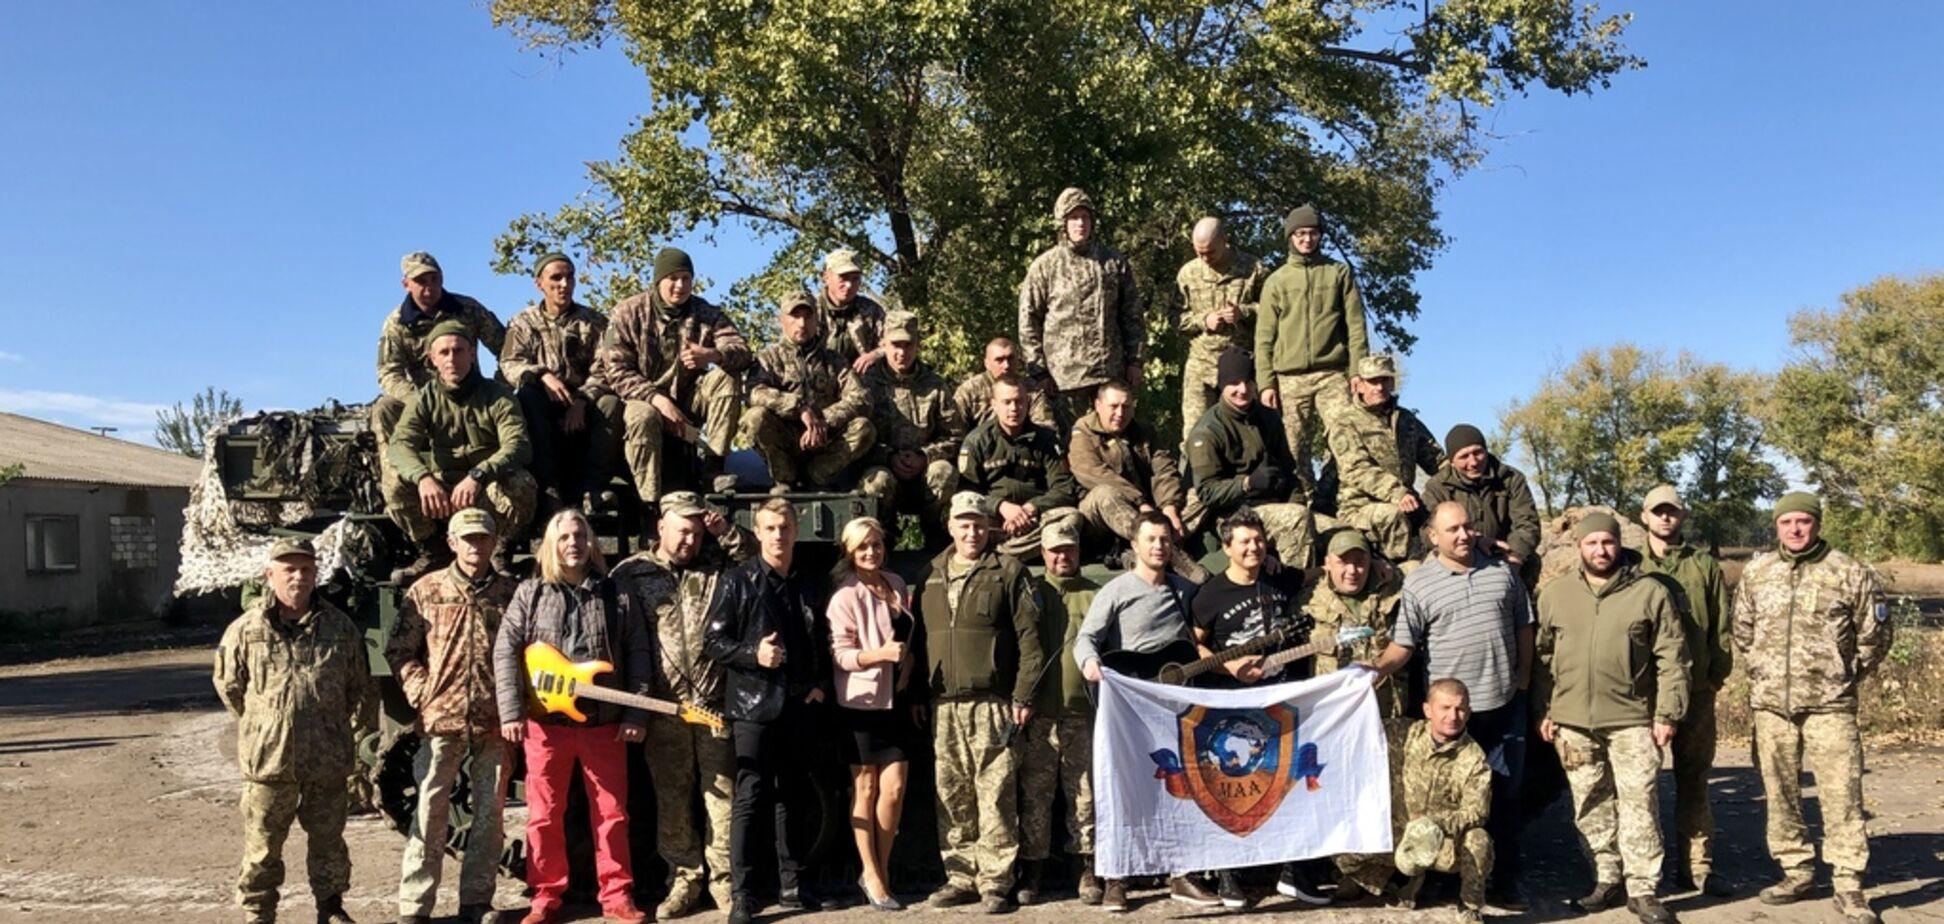 Гурти ZELENO та Кораблі дали концерти у зоні АТО для війсковослужбовців